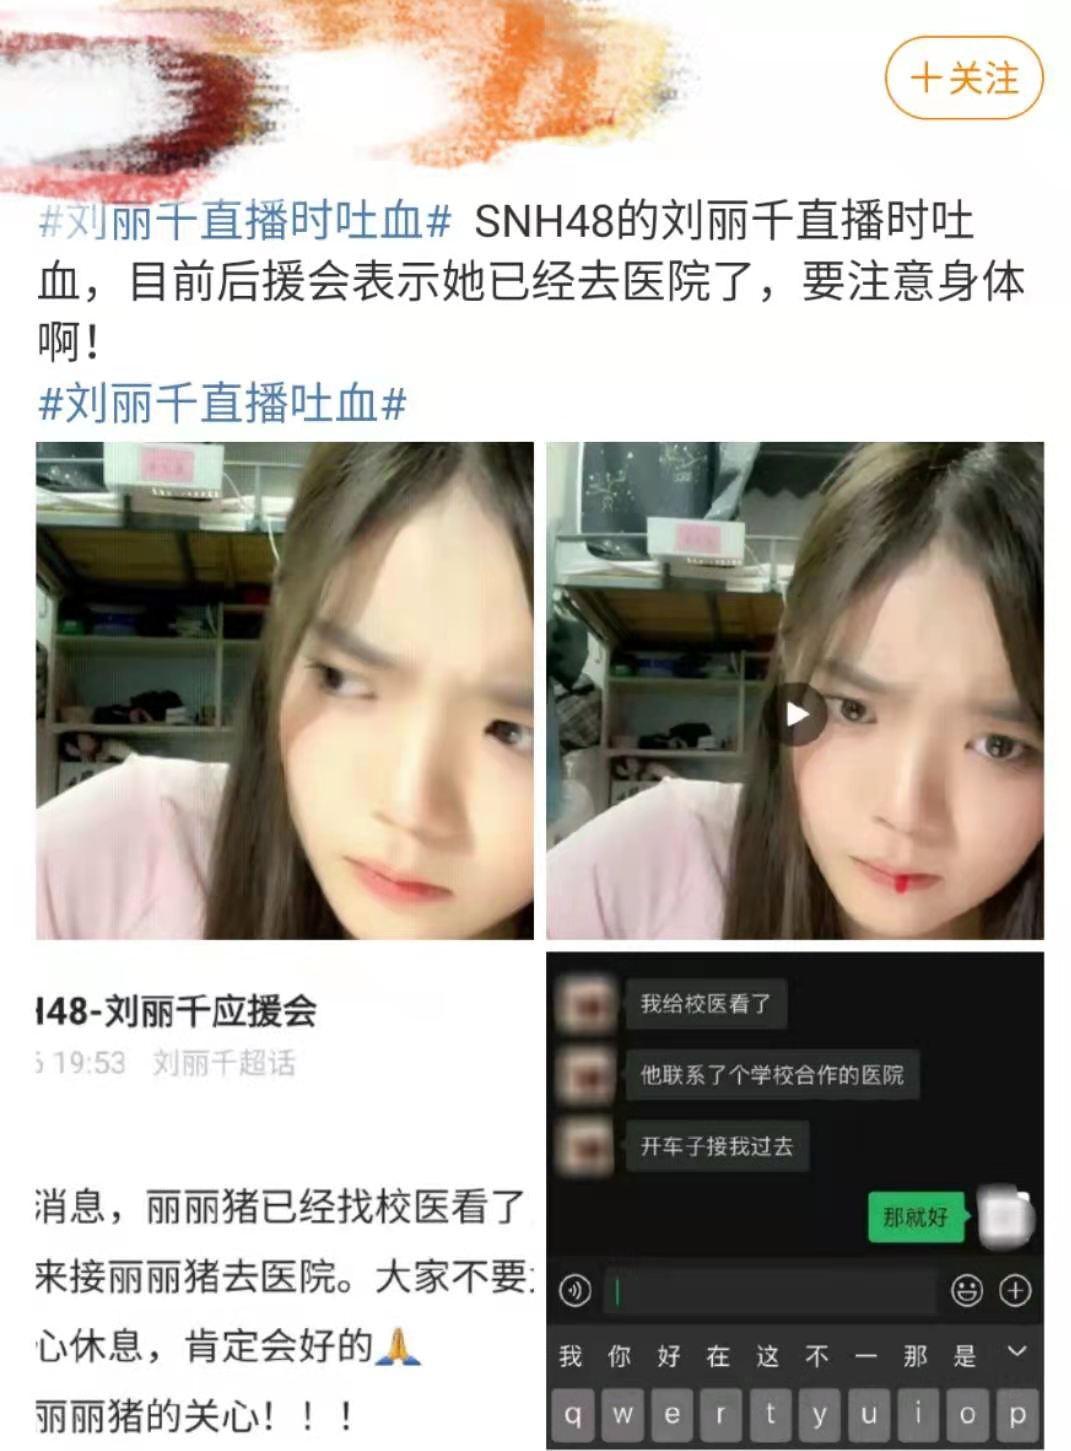 太吓人!20岁女星刘丽千直播时吐血,被紧急送往就医,原因尚不明